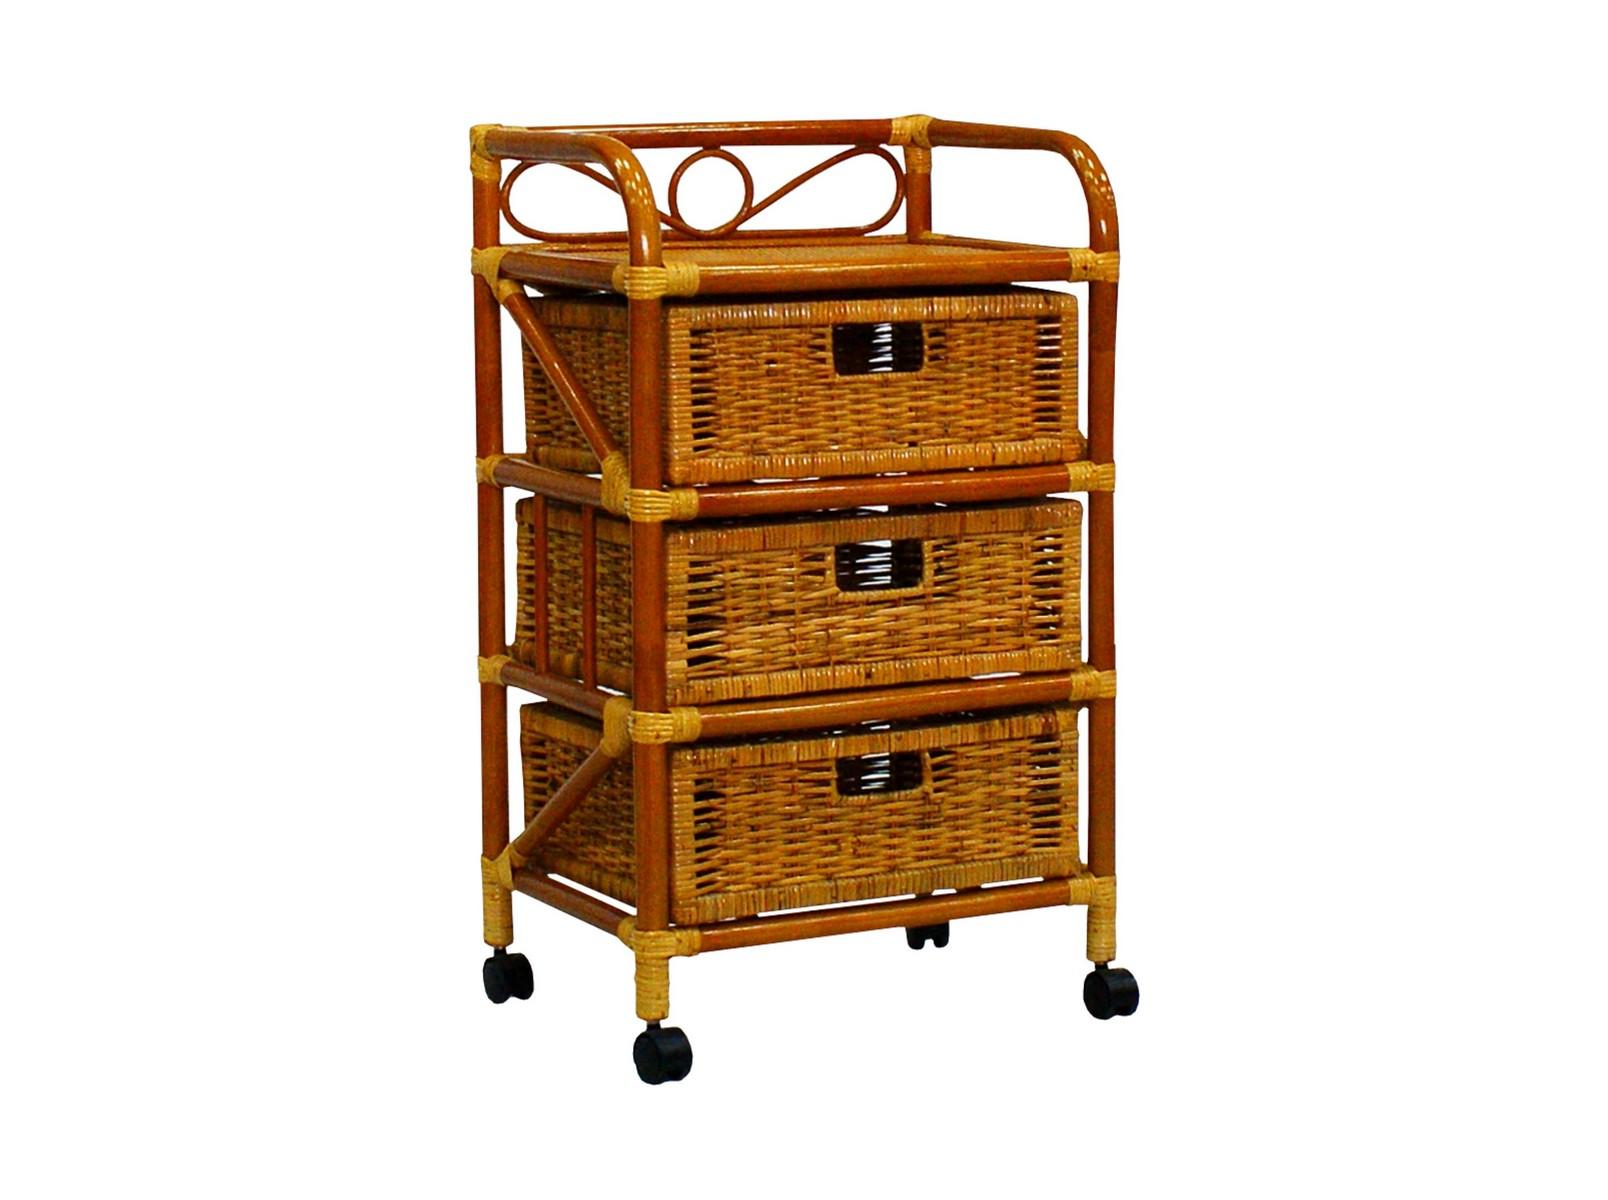 Комод с плетеными ящикамиСистемы хранения для улицы<br>Ротанг — гибкое и прочное растение, мебель из ротанга может выдерживать большой вес. Важным достоинством комода из ротанга является его легкость.&amp;lt;div&amp;gt;&amp;lt;br&amp;gt;&amp;lt;/div&amp;gt;&amp;lt;div&amp;gt;Цвет: коньячный&amp;lt;/div&amp;gt;&amp;lt;div&amp;gt;Особенности:  на колесиках&amp;lt;/div&amp;gt;&amp;lt;div&amp;gt;Вес: 6,5 кг&amp;lt;/div&amp;gt;<br><br>Material: Ротанг<br>Ширина см: 48<br>Высота см: 81<br>Глубина см: 36